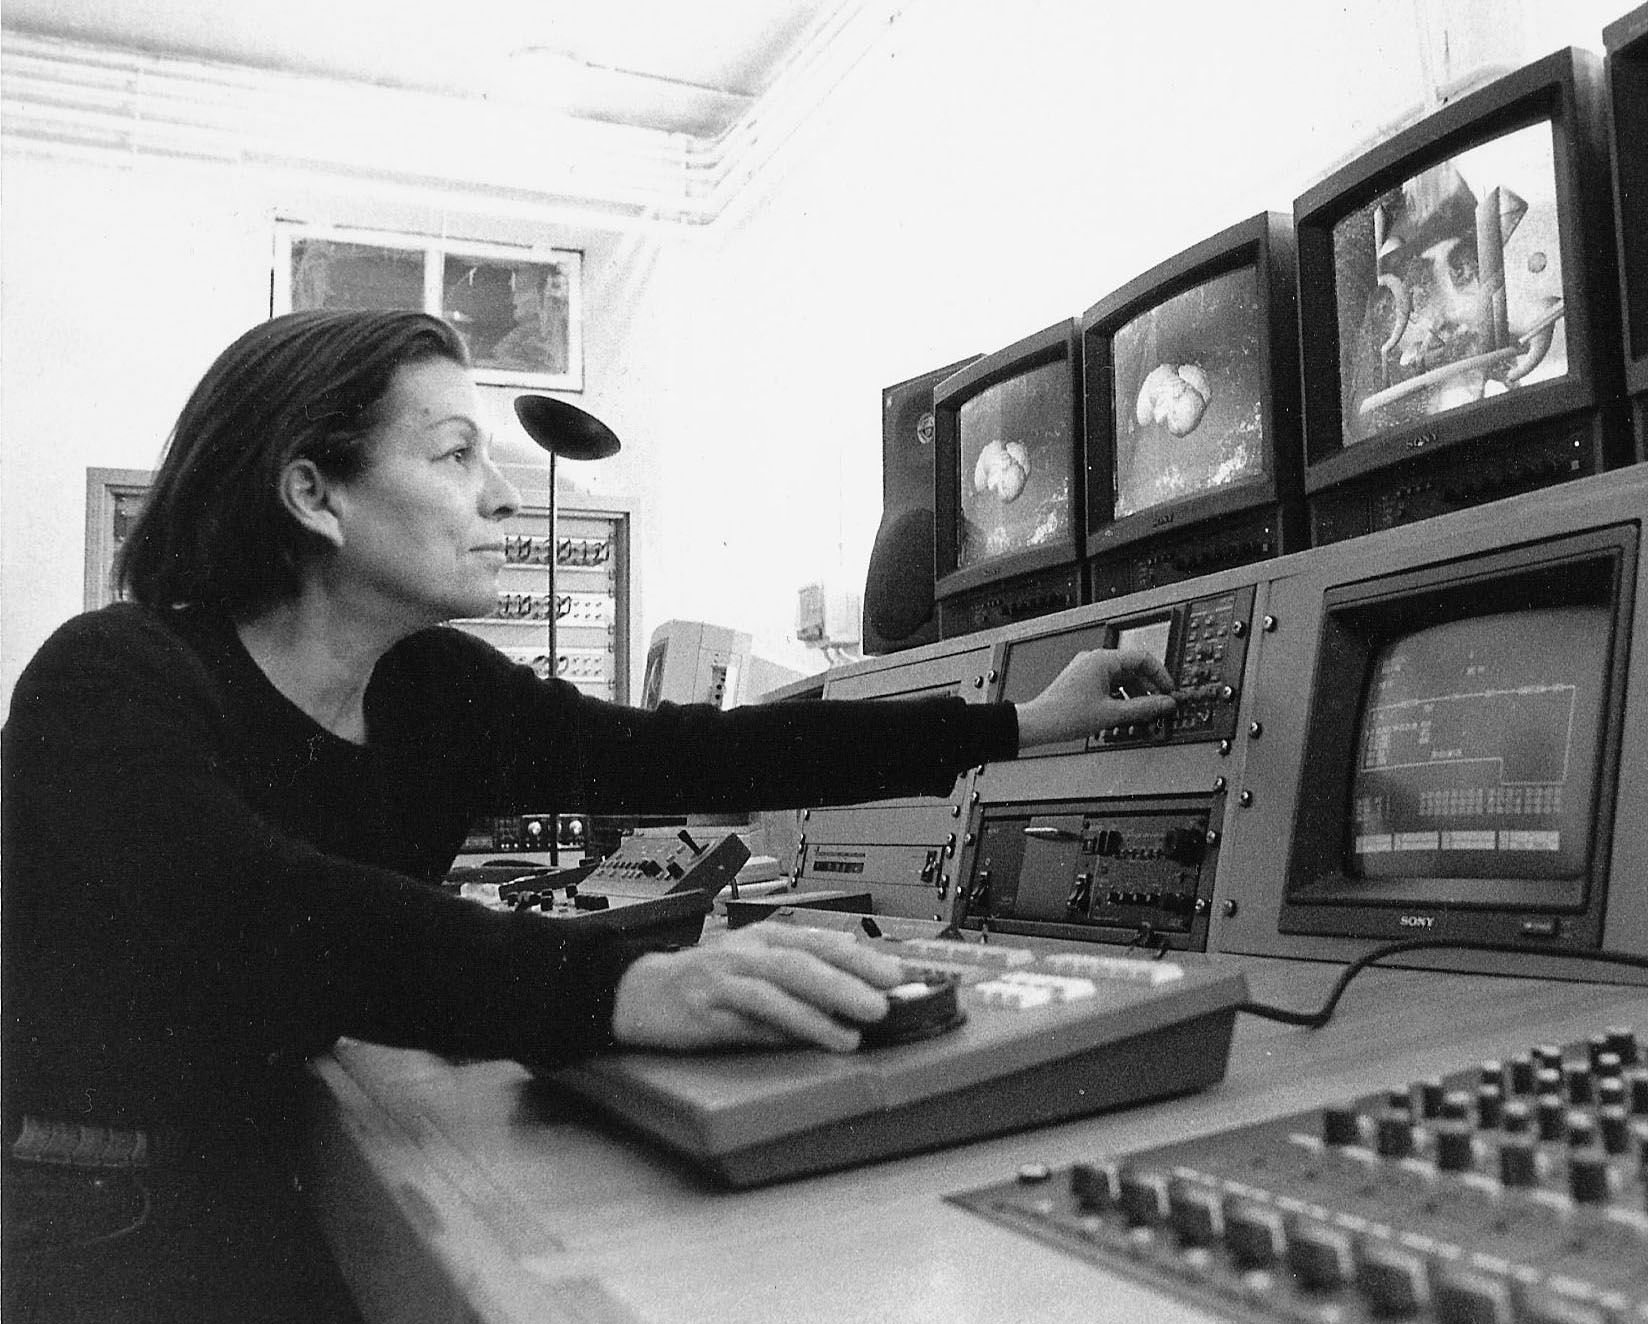 Nil Yalter, um 1988, Foto: Archiv der Künstlerin